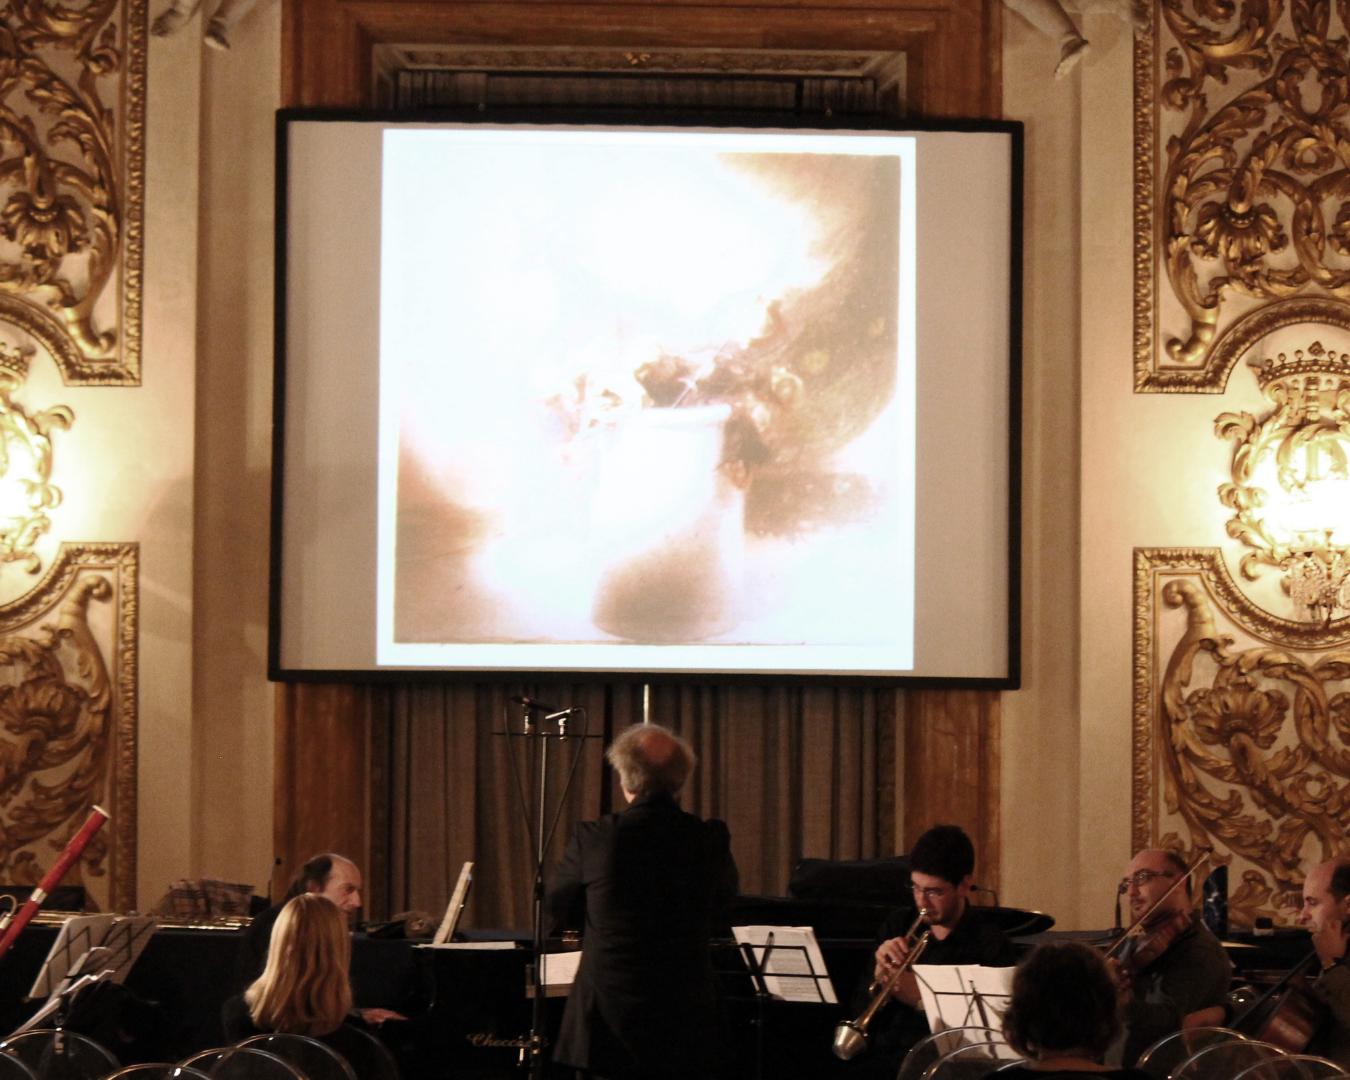 Mauro Ceccanti dirige il CE con Roberto Fabbriciani e Giancarlo Cardini nella Sala degli Specchi di Palazzo Medici Riccardi